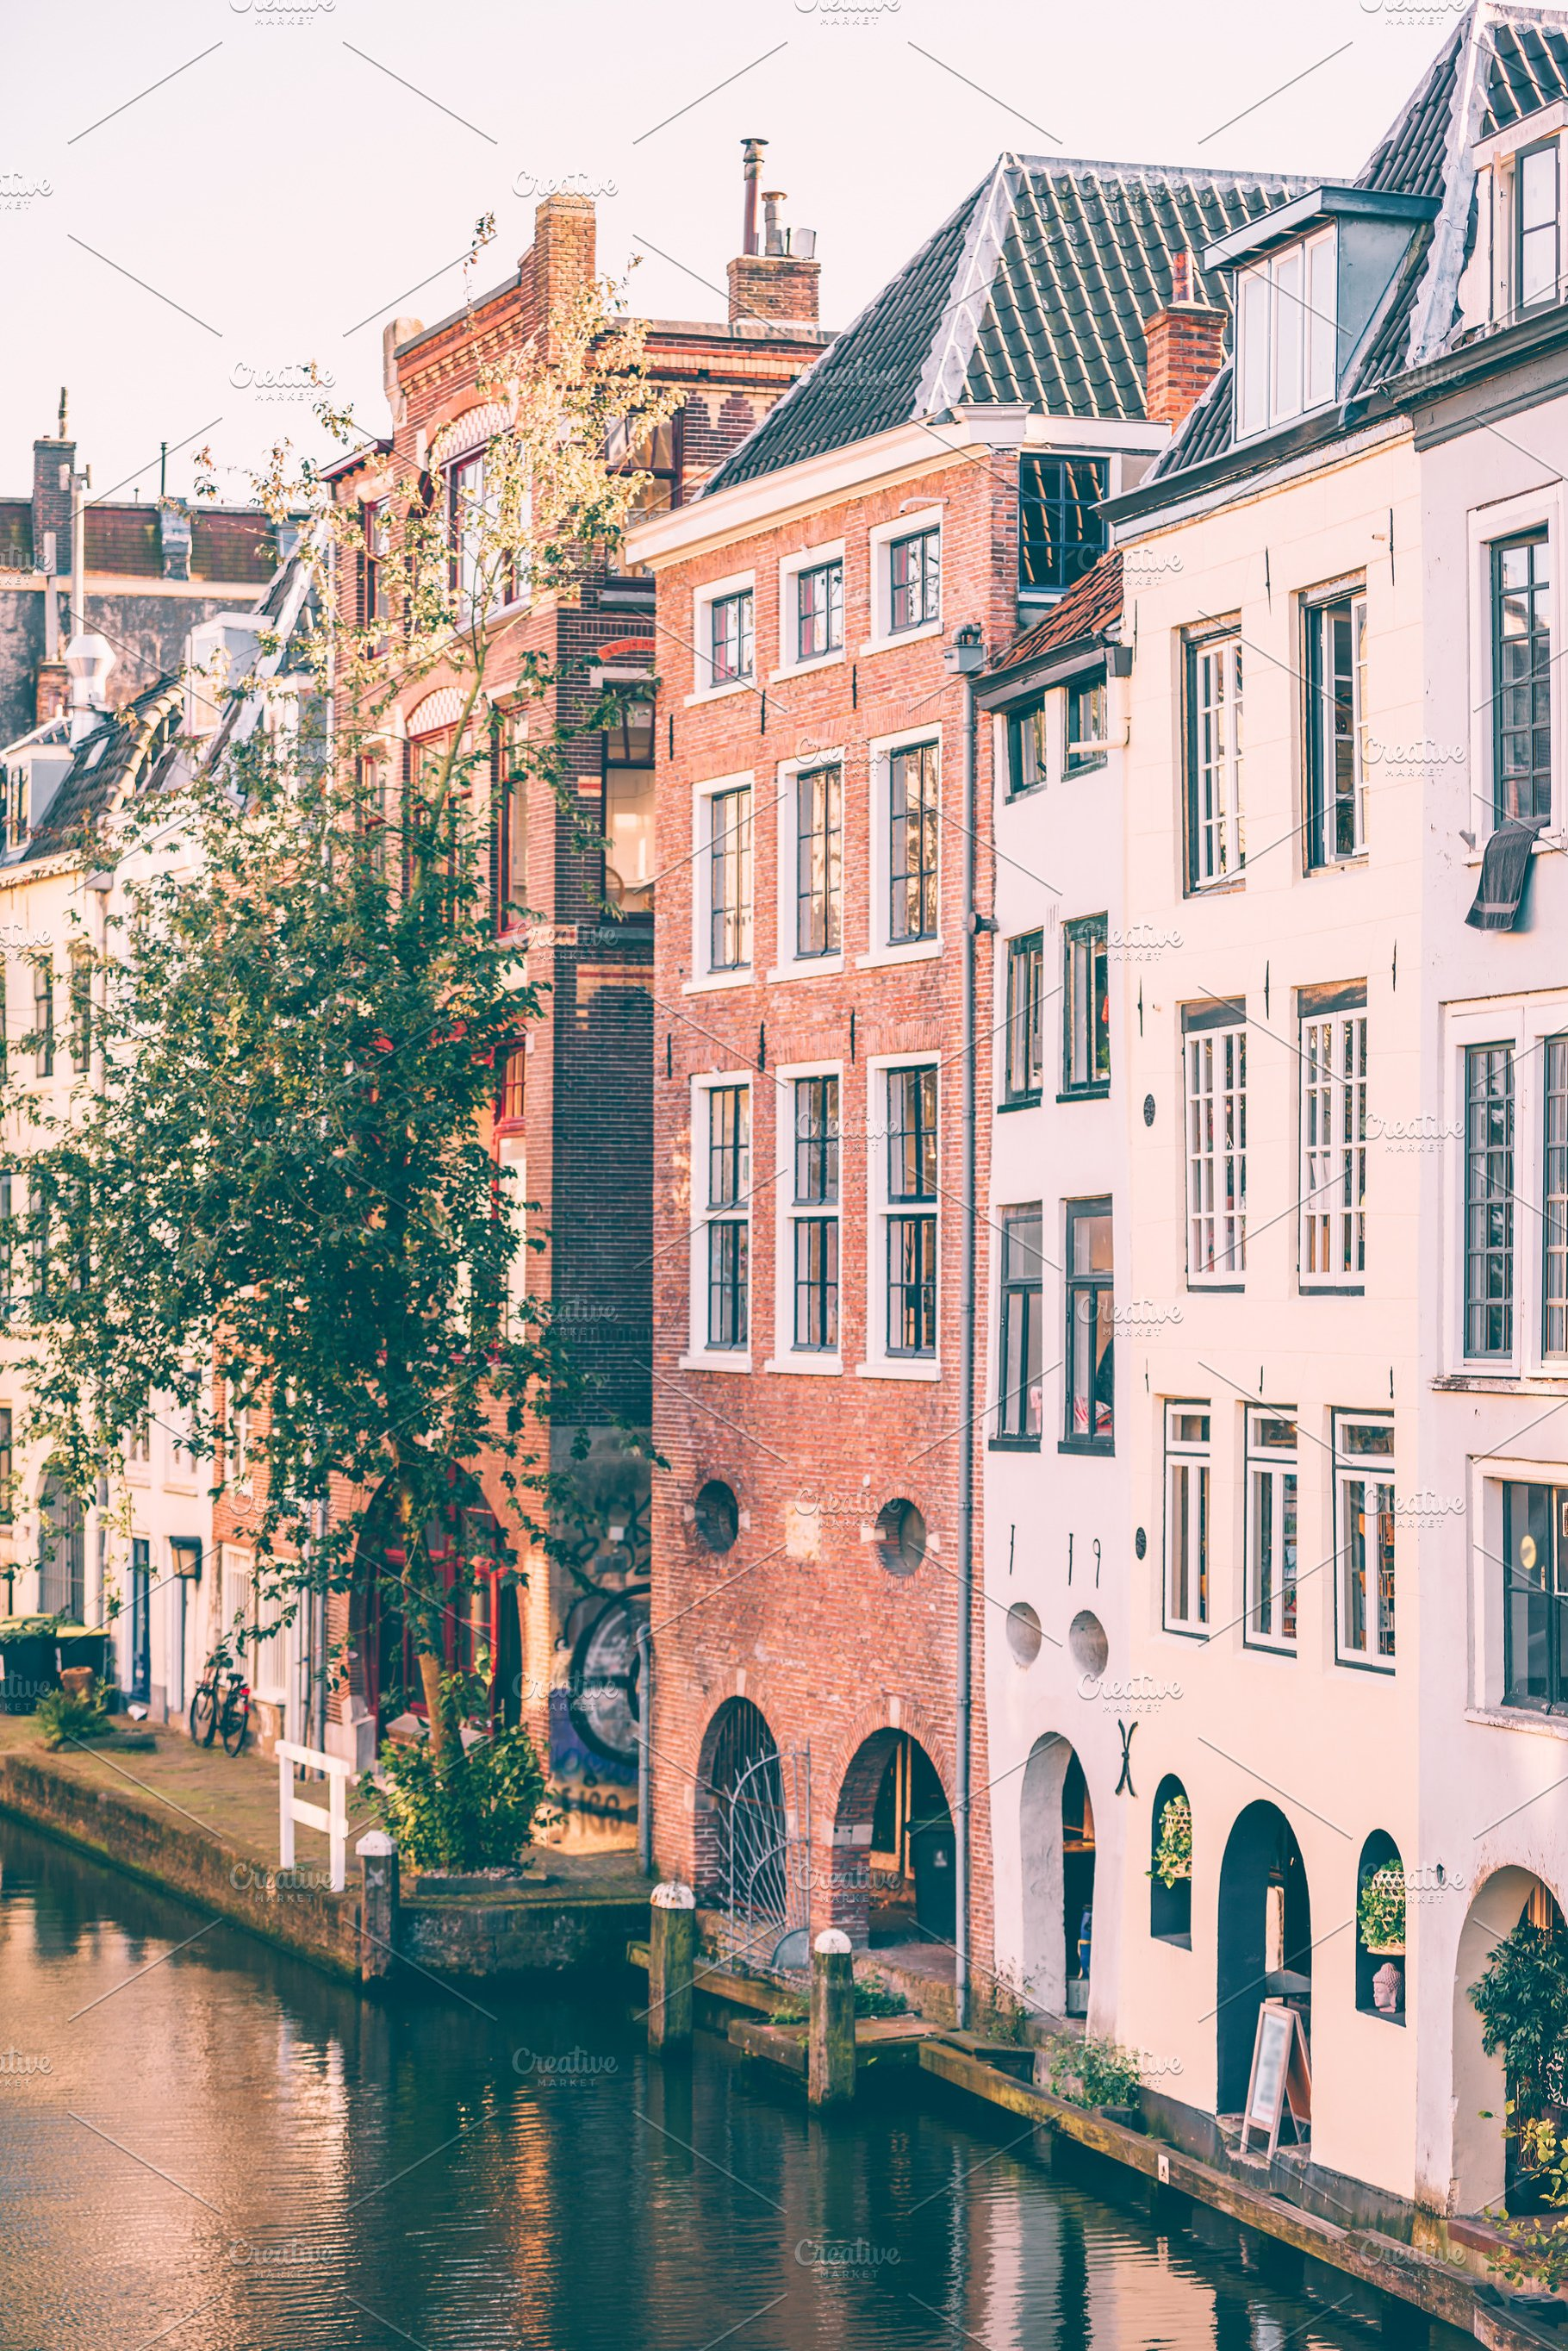 Pink Utrecht Architecture Photos Creative Market